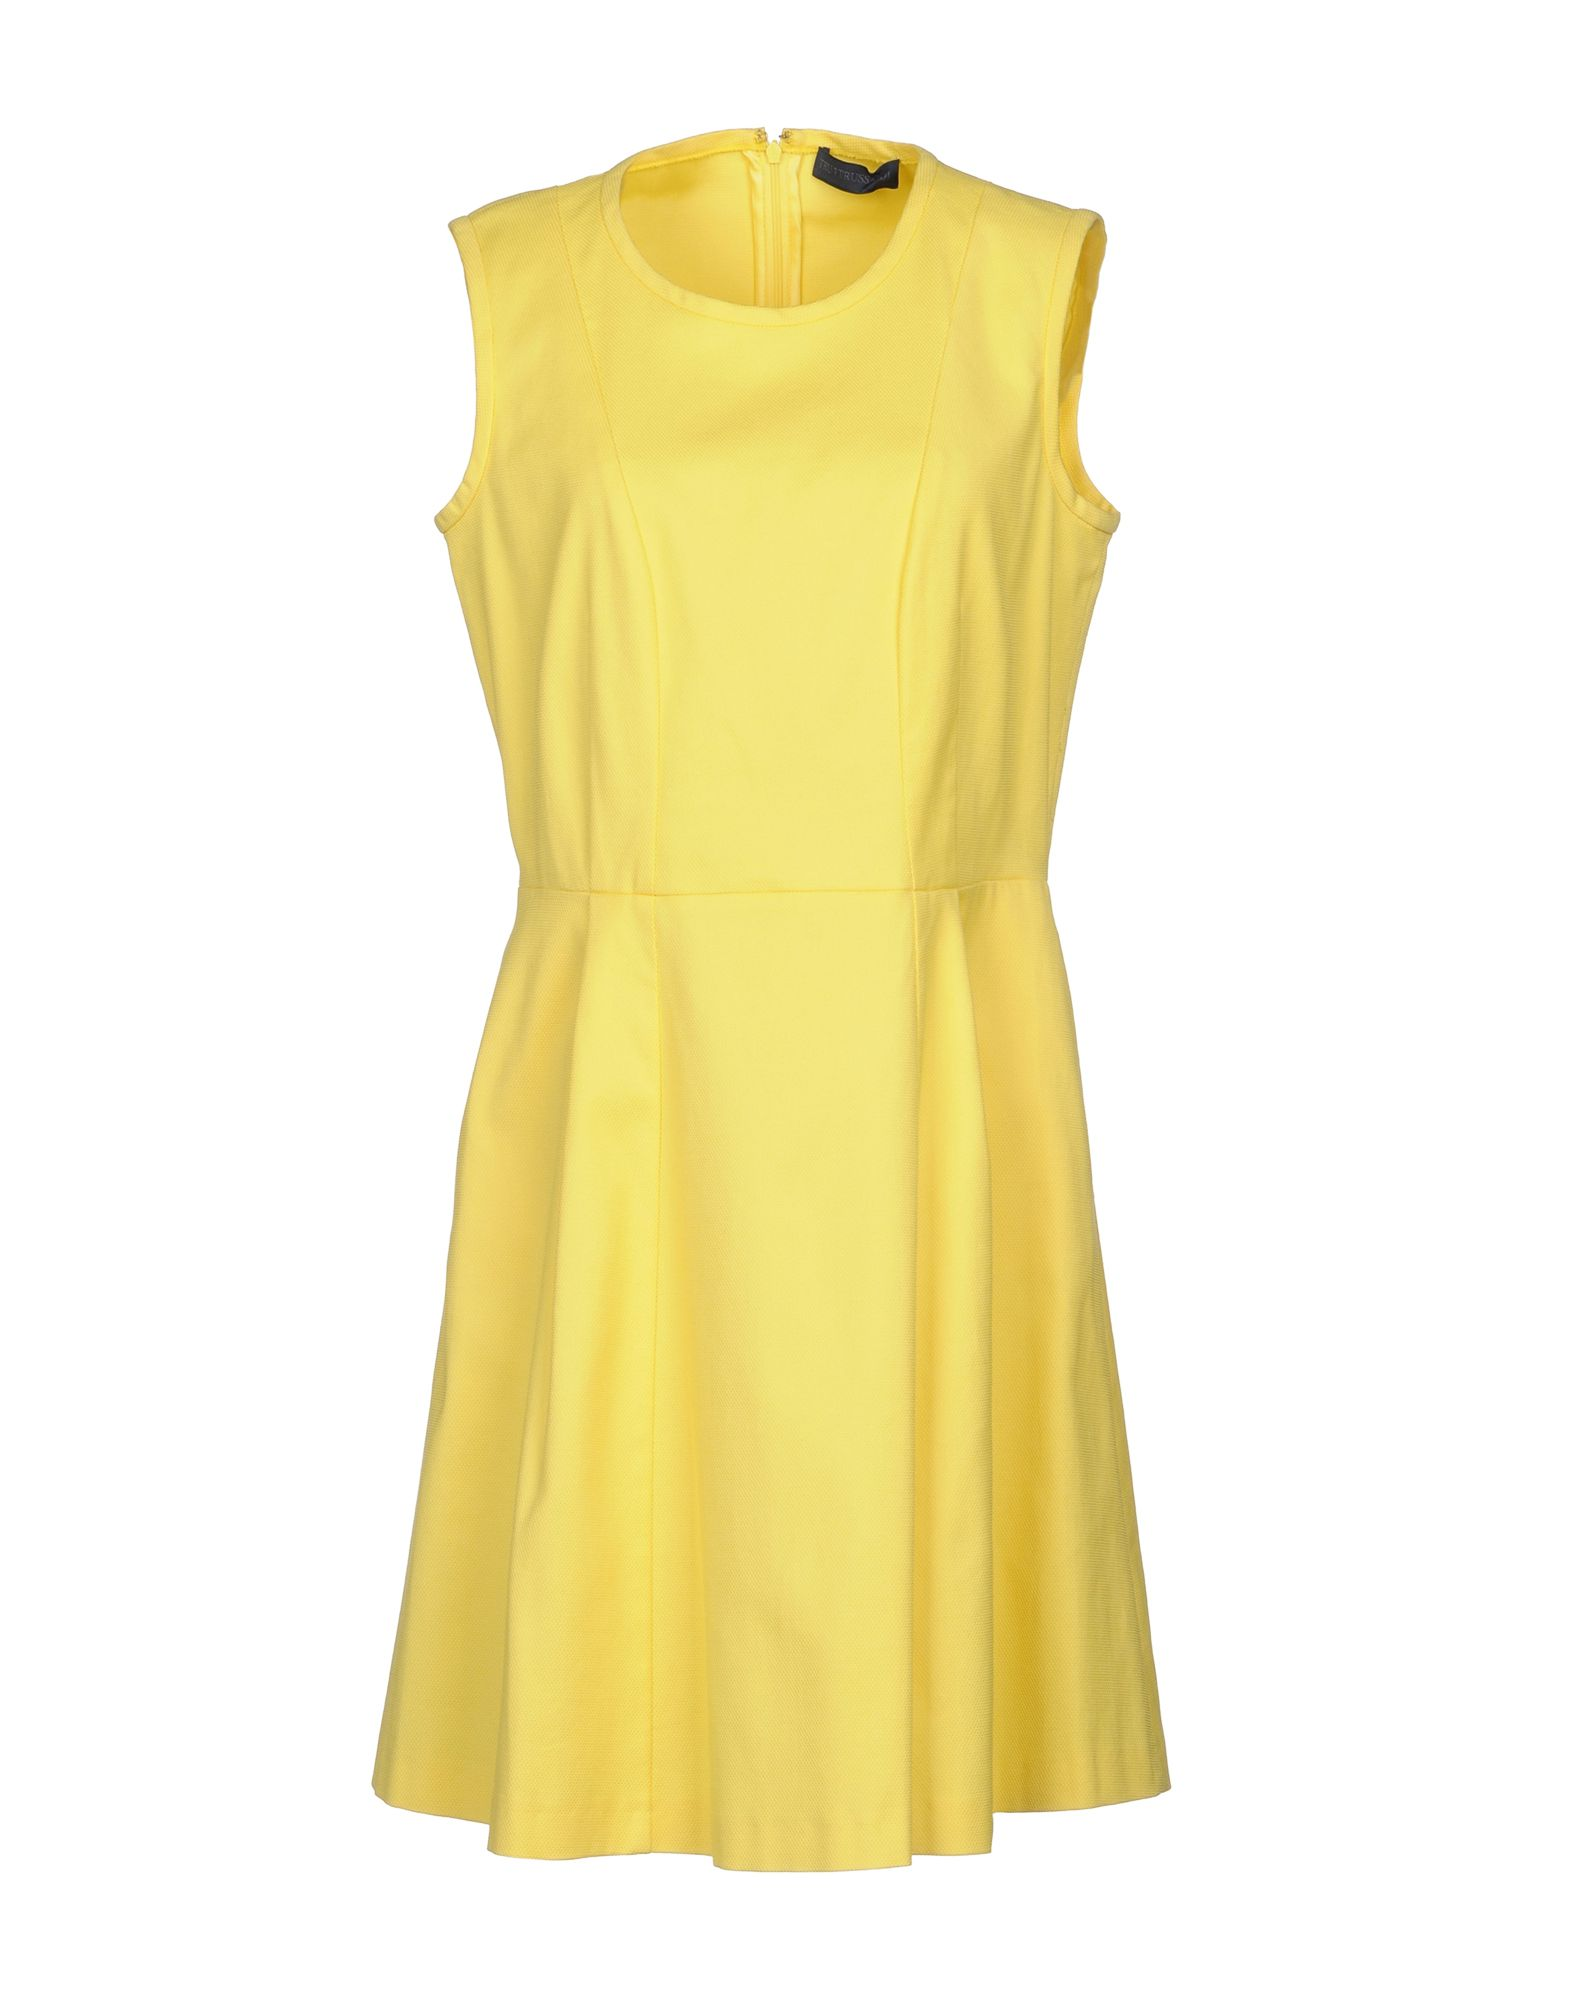 TRU TRUSSARDI Короткое платье повседневное платье без рукавов tru trussardi платья и сарафаны приталенные